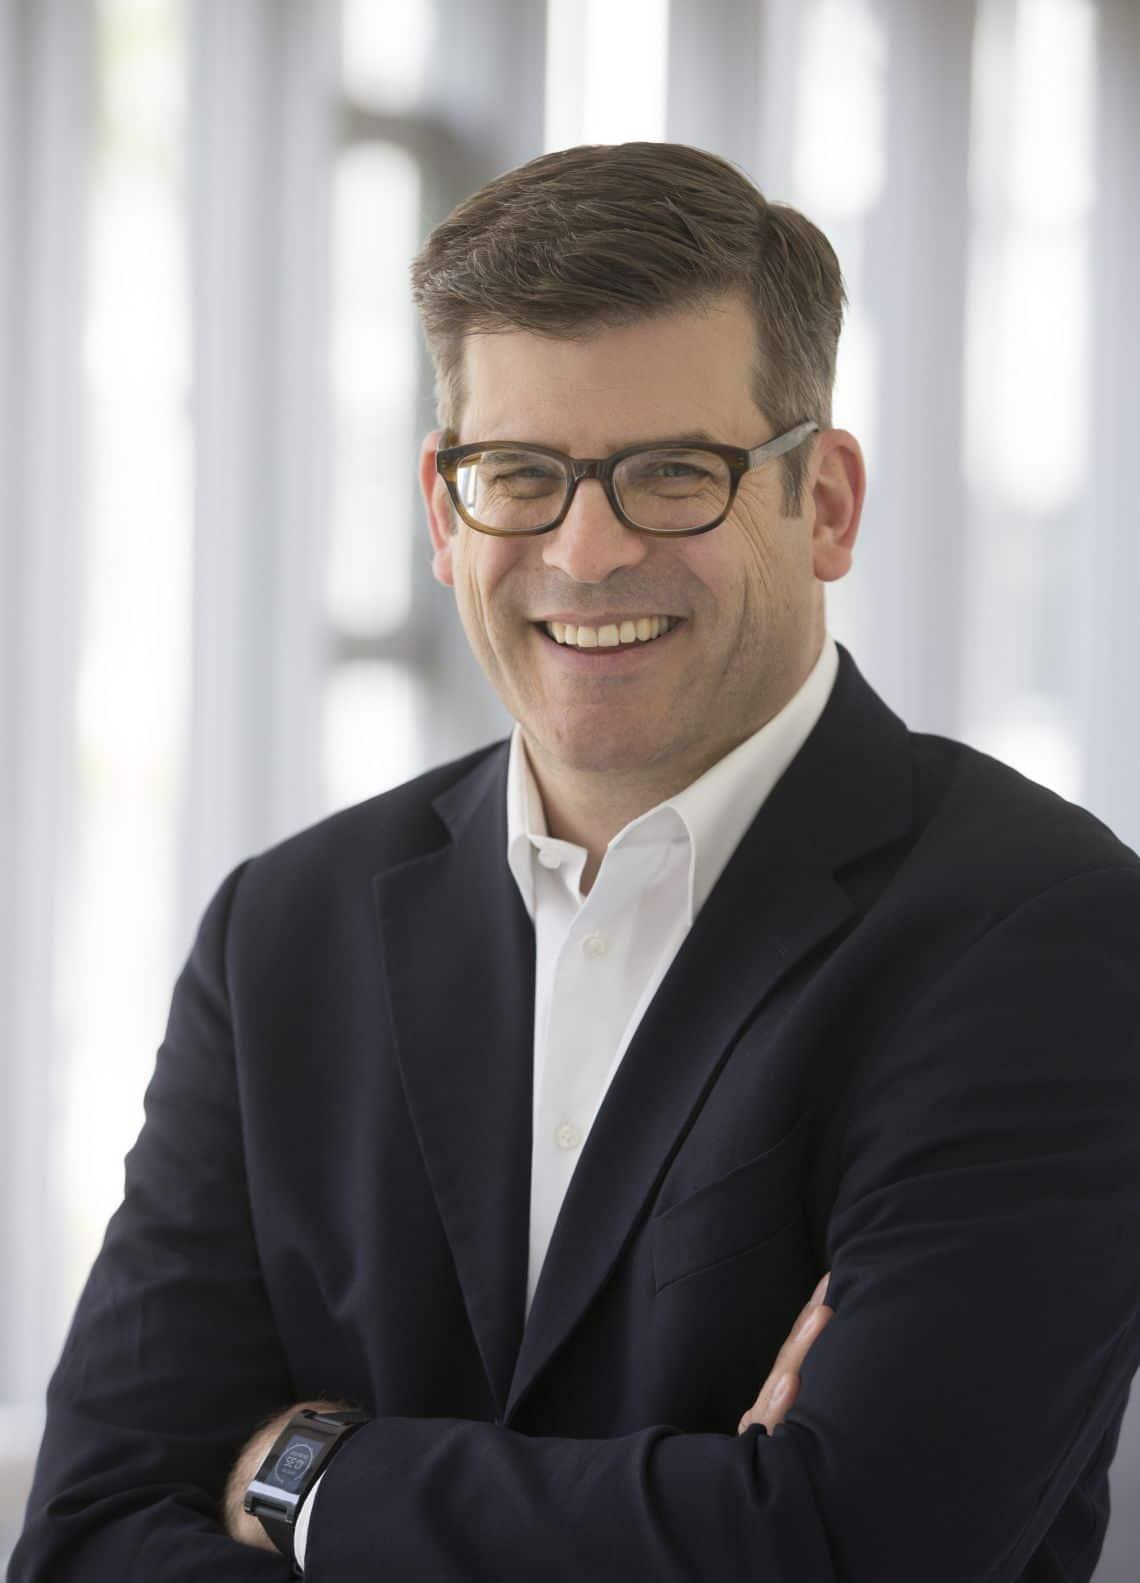 Philipp Schindera (c) Deutsche Telekom AG